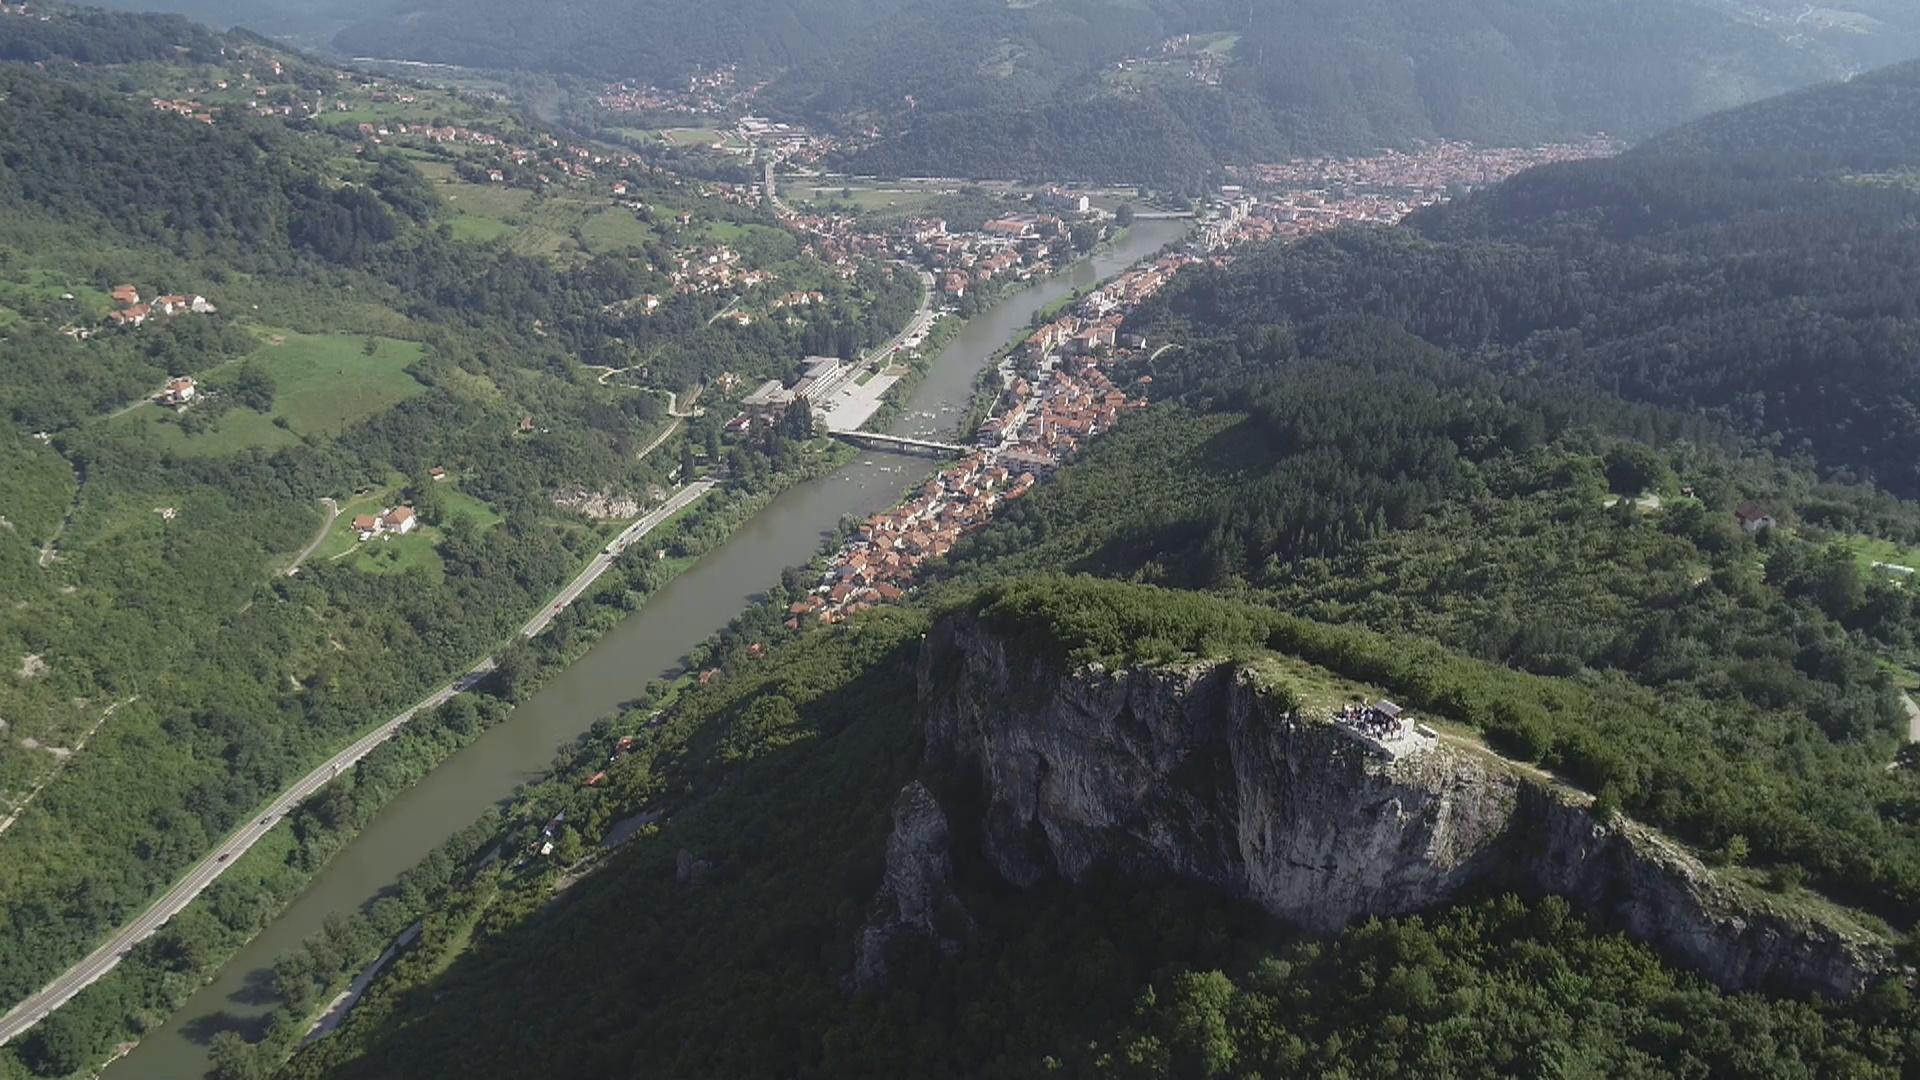 У плану реконструкција и изградња водовода на Равнама, Јабуци, Каменој Гори, Хисарџику и Аљиновићима